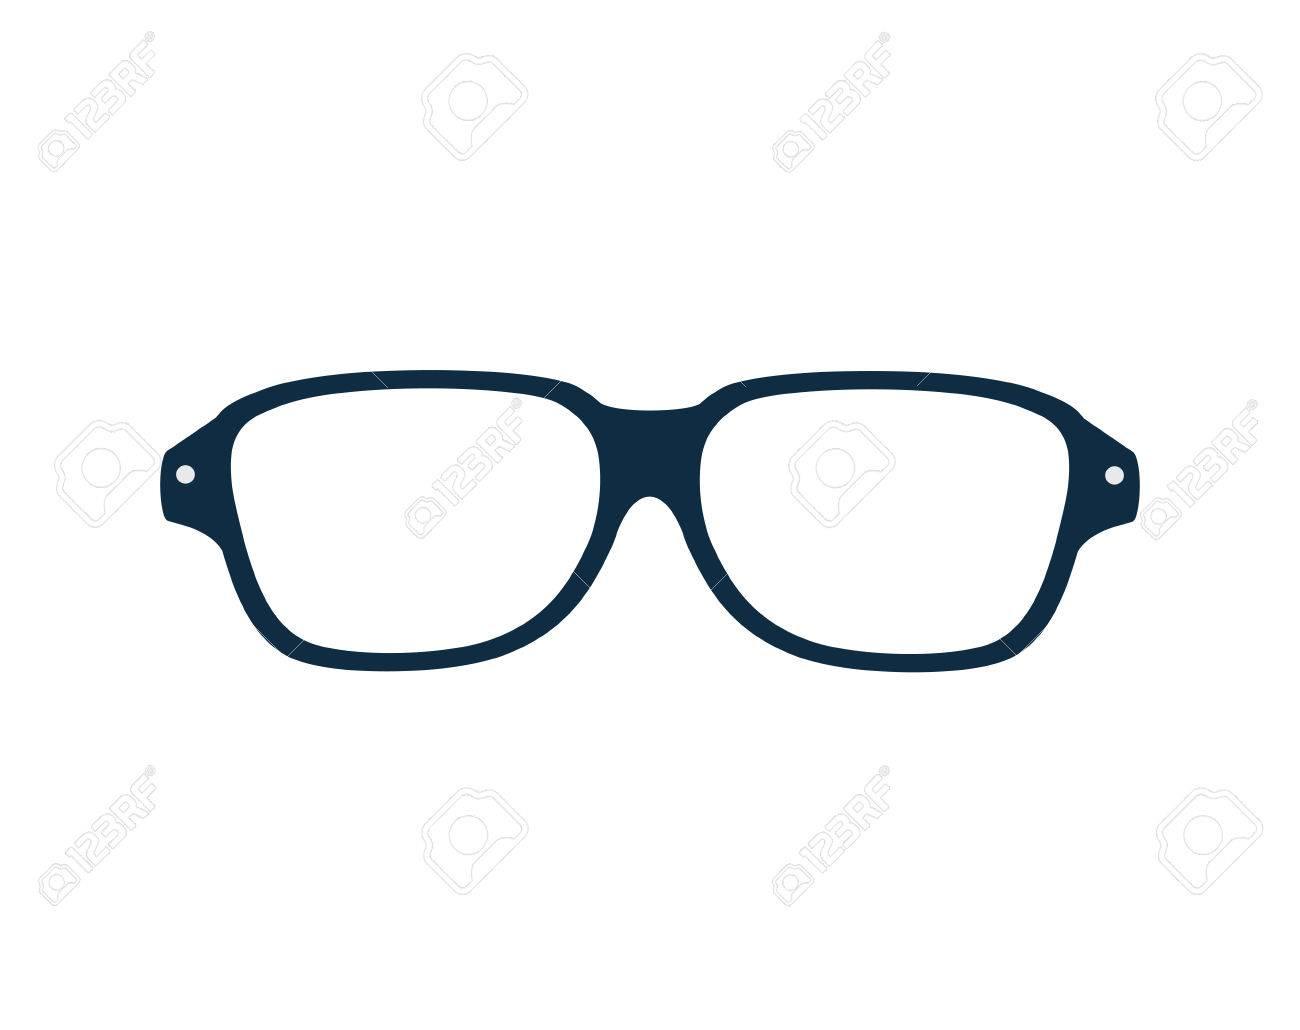 Marco De Los Vidrios De Accesorios Visión Gafas. Les óptica ...